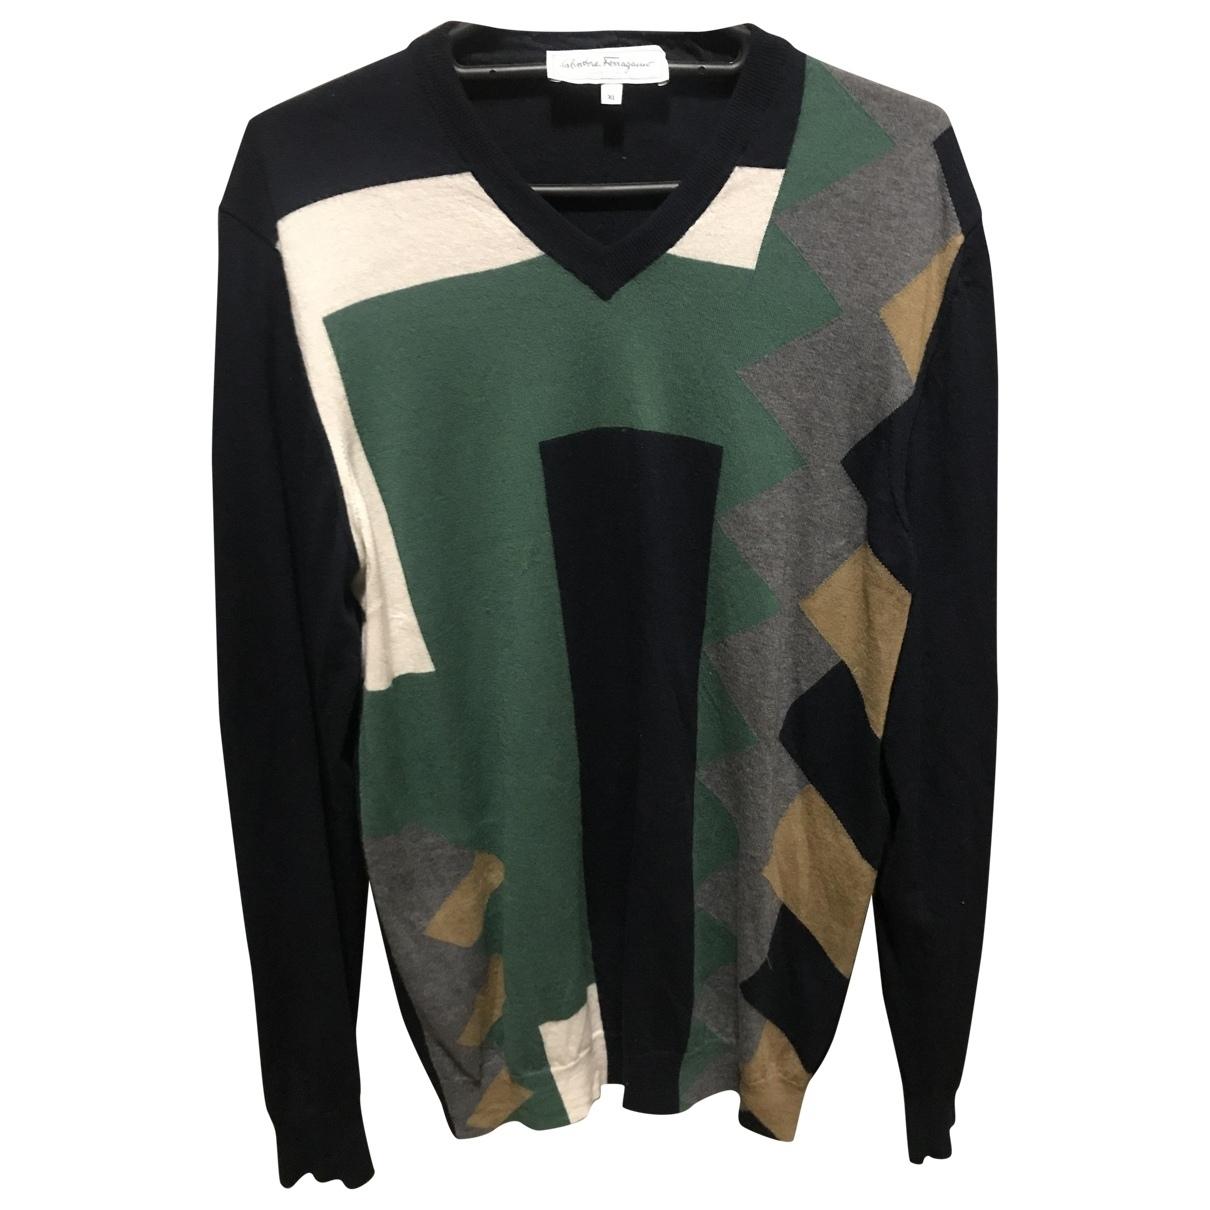 Salvatore Ferragamo - Pulls.Gilets.Sweats   pour homme en laine - multicolore